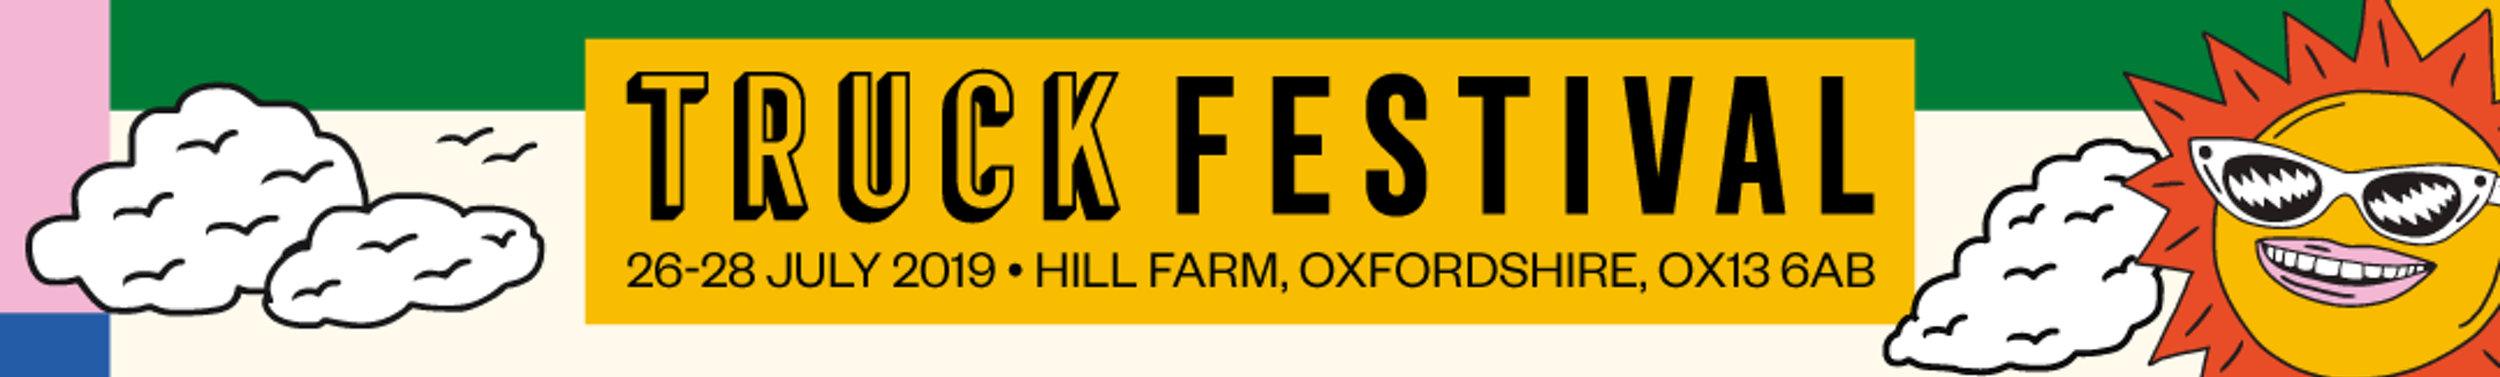 truck festival rrc banner.jpg